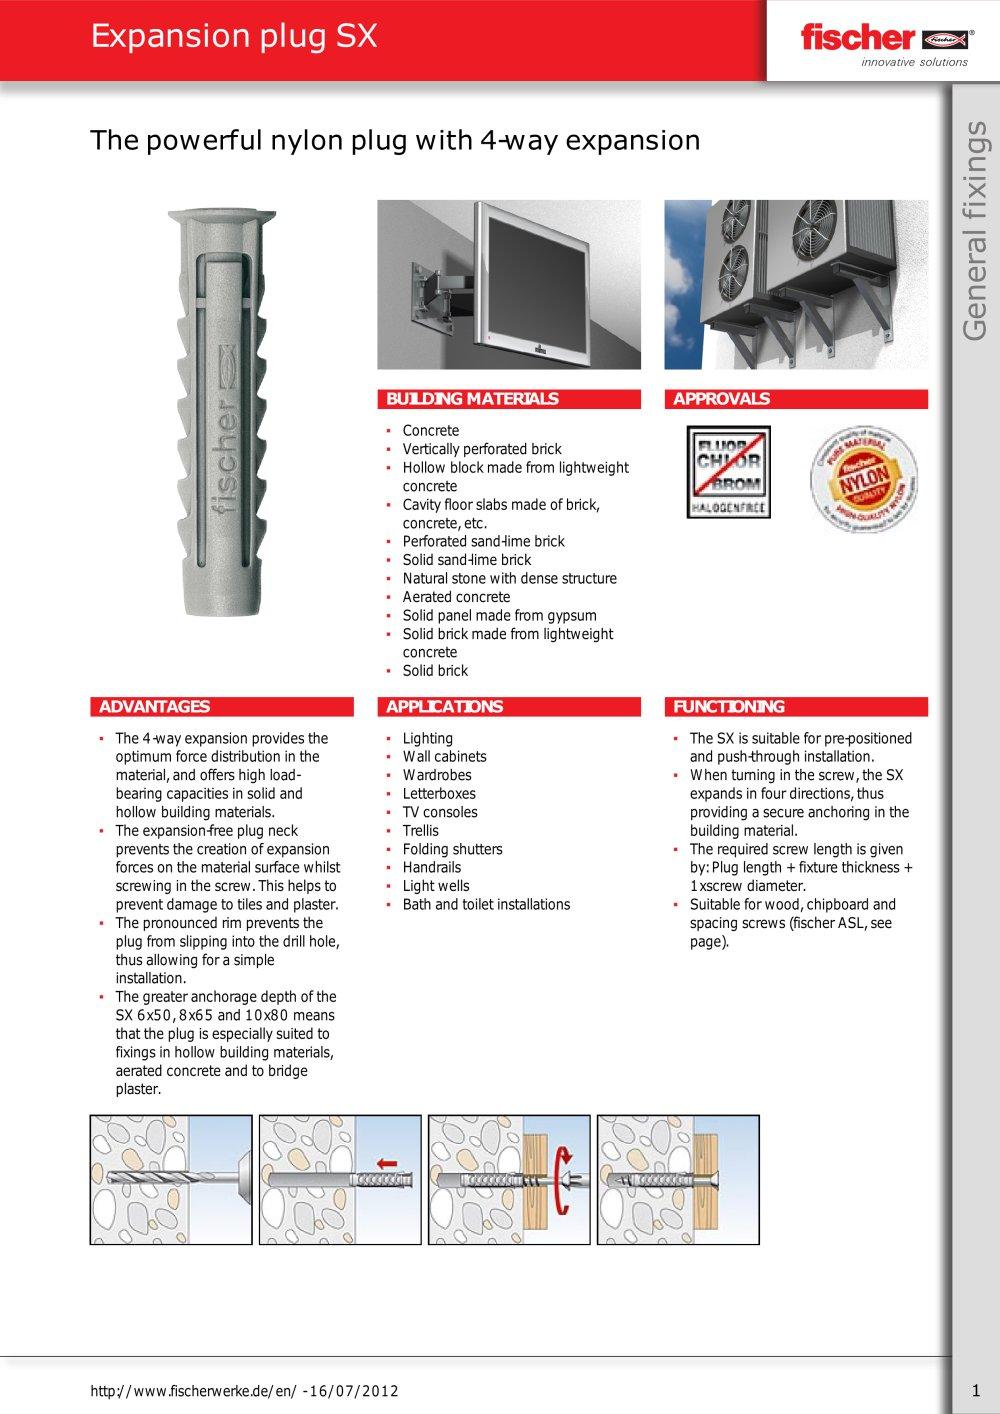 expansion plug sx artur fischer pdf catalogue technical